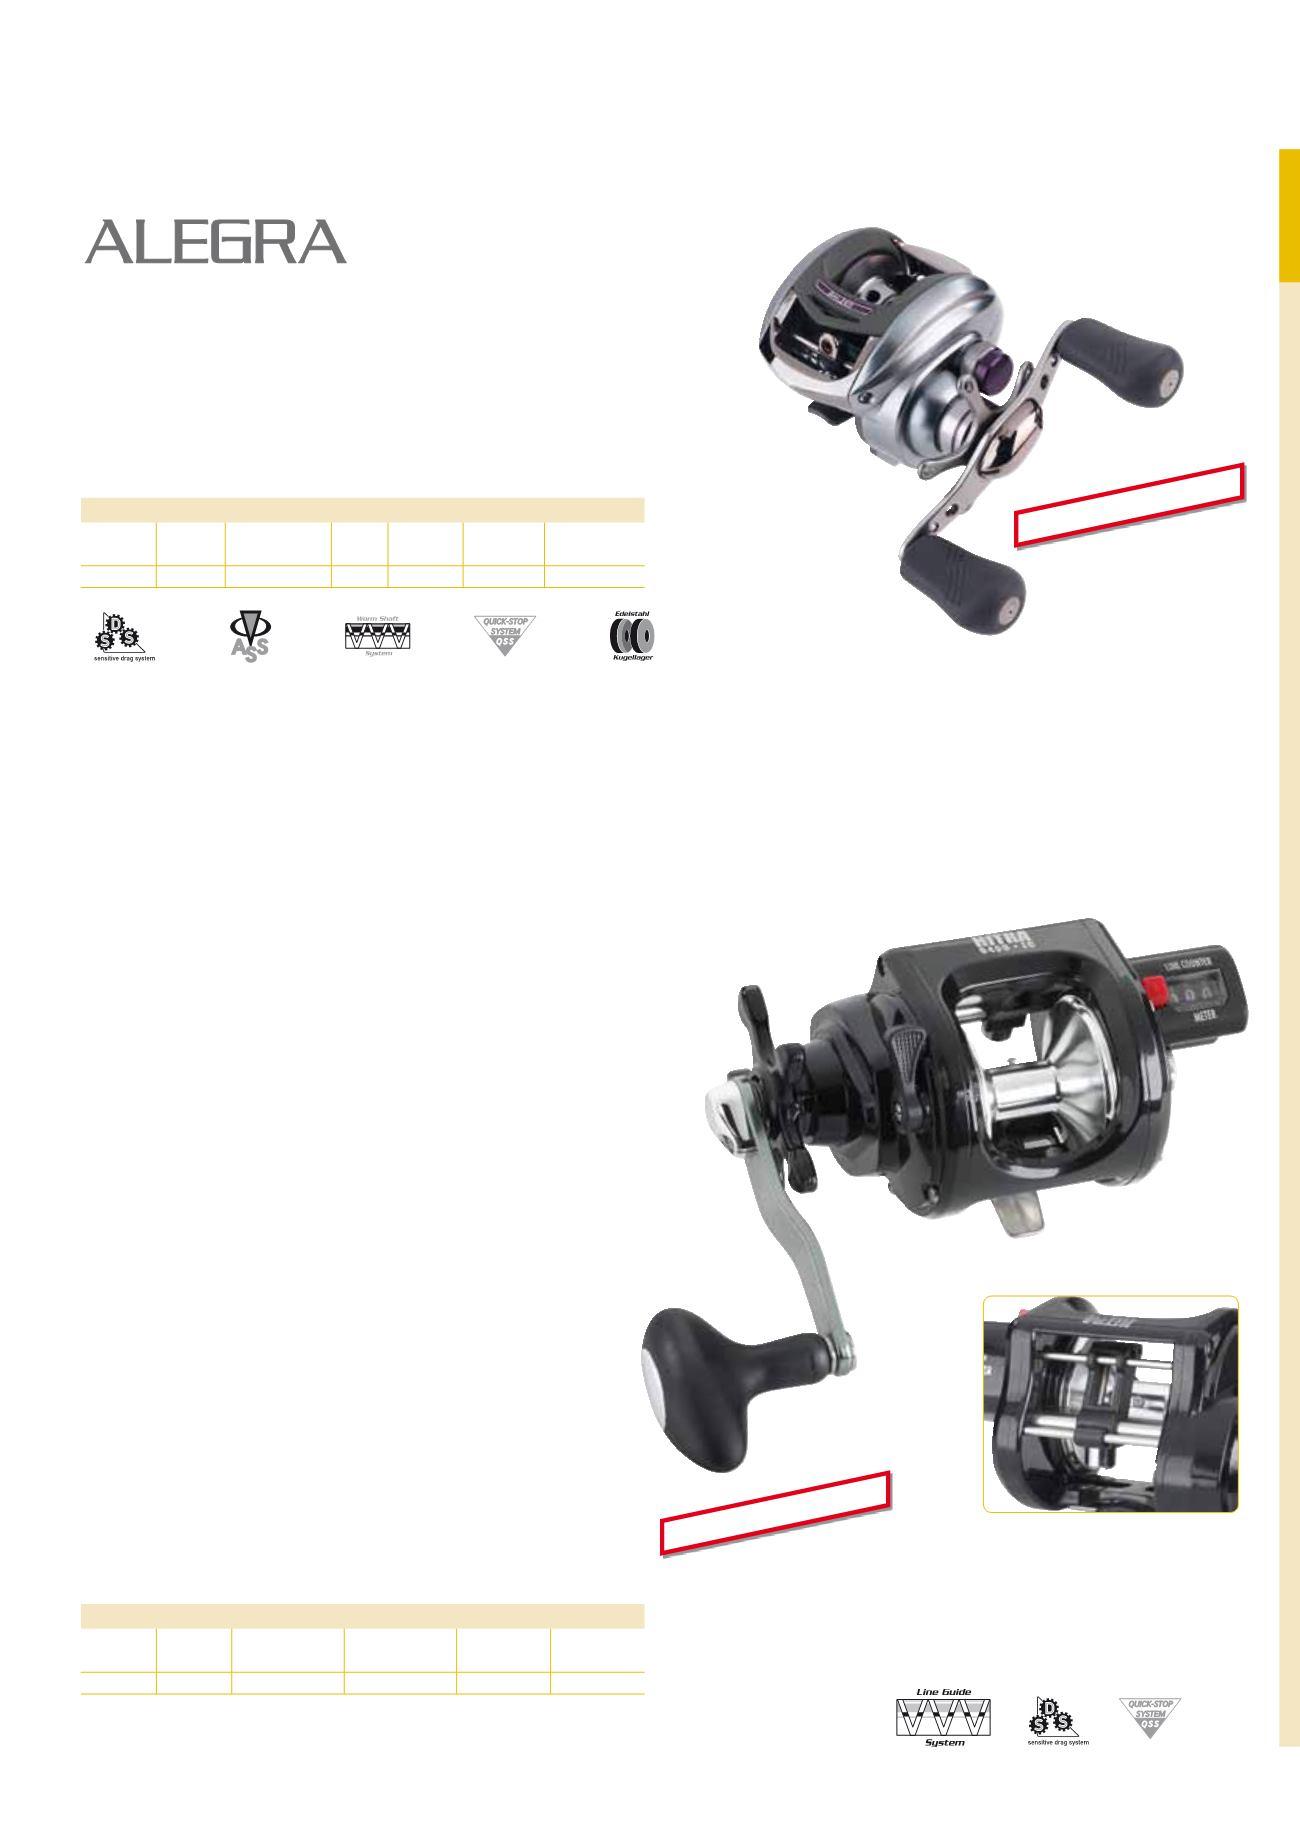 Balzer Hitra 6400 LCL Multirolle